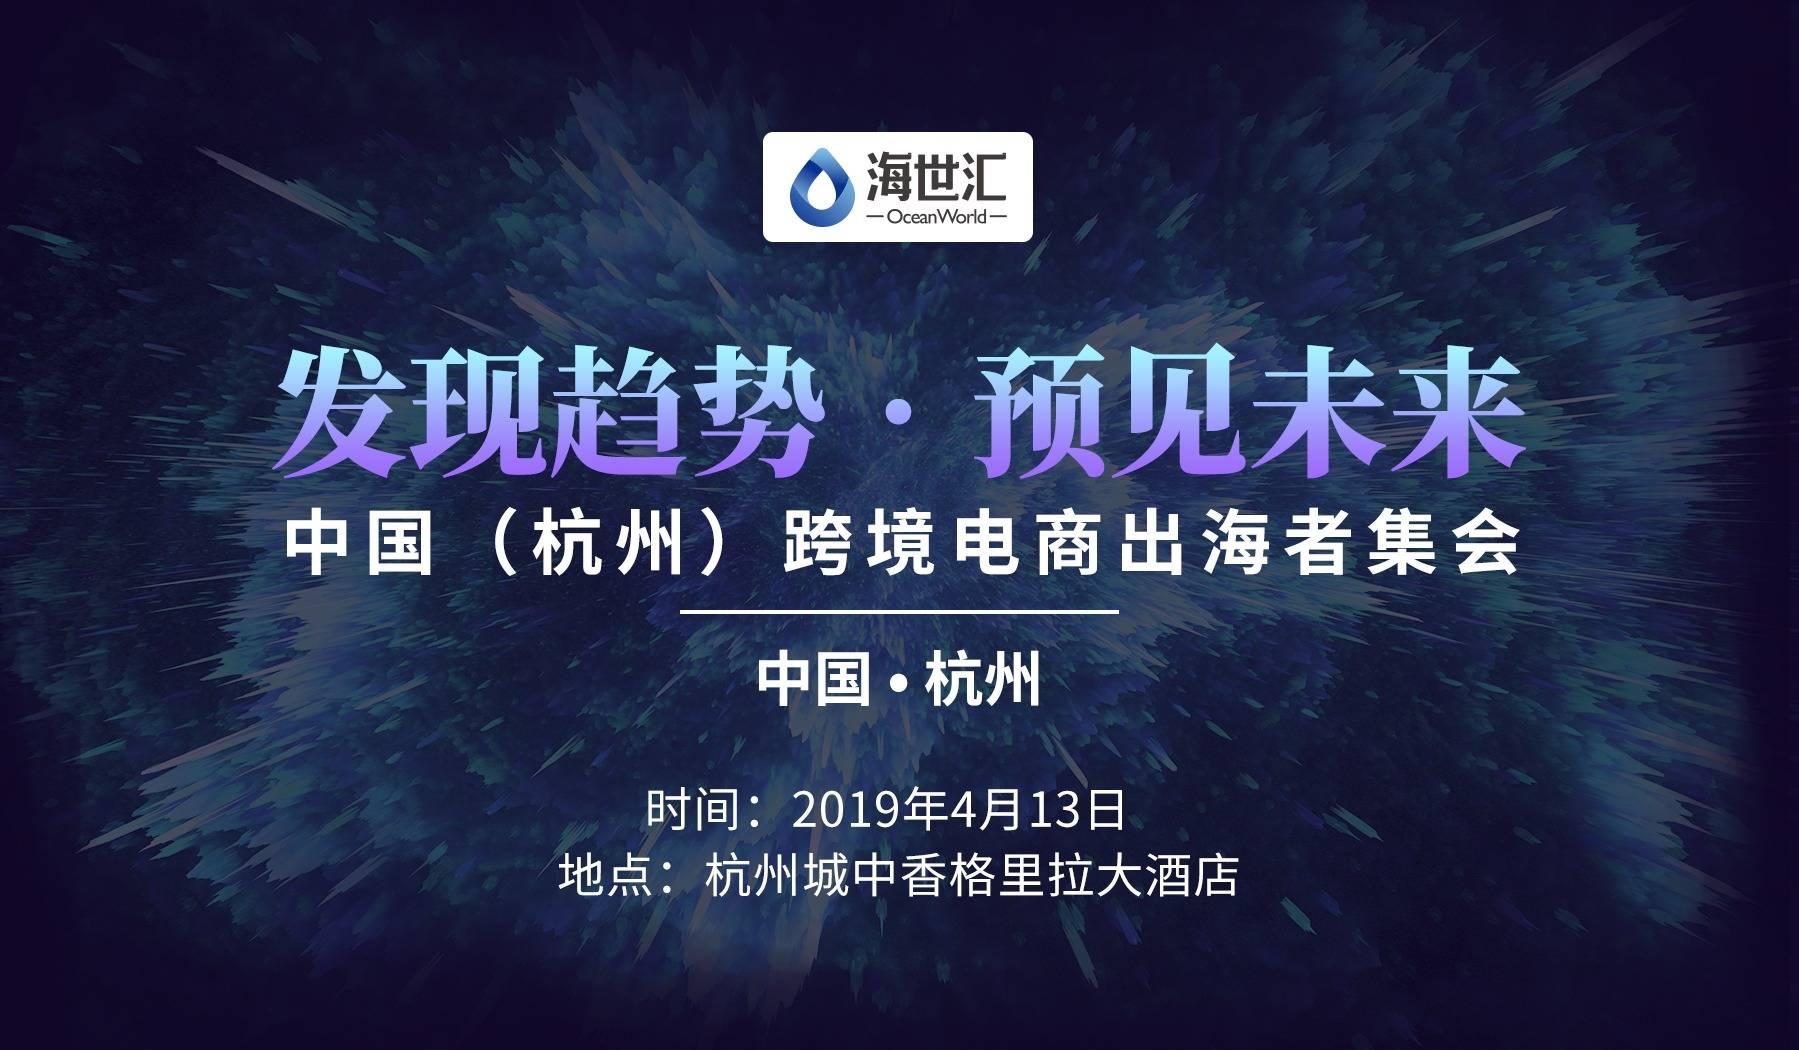 互动吧-发现趋势•预见未来-中国(杭州)跨境电商出海者集会